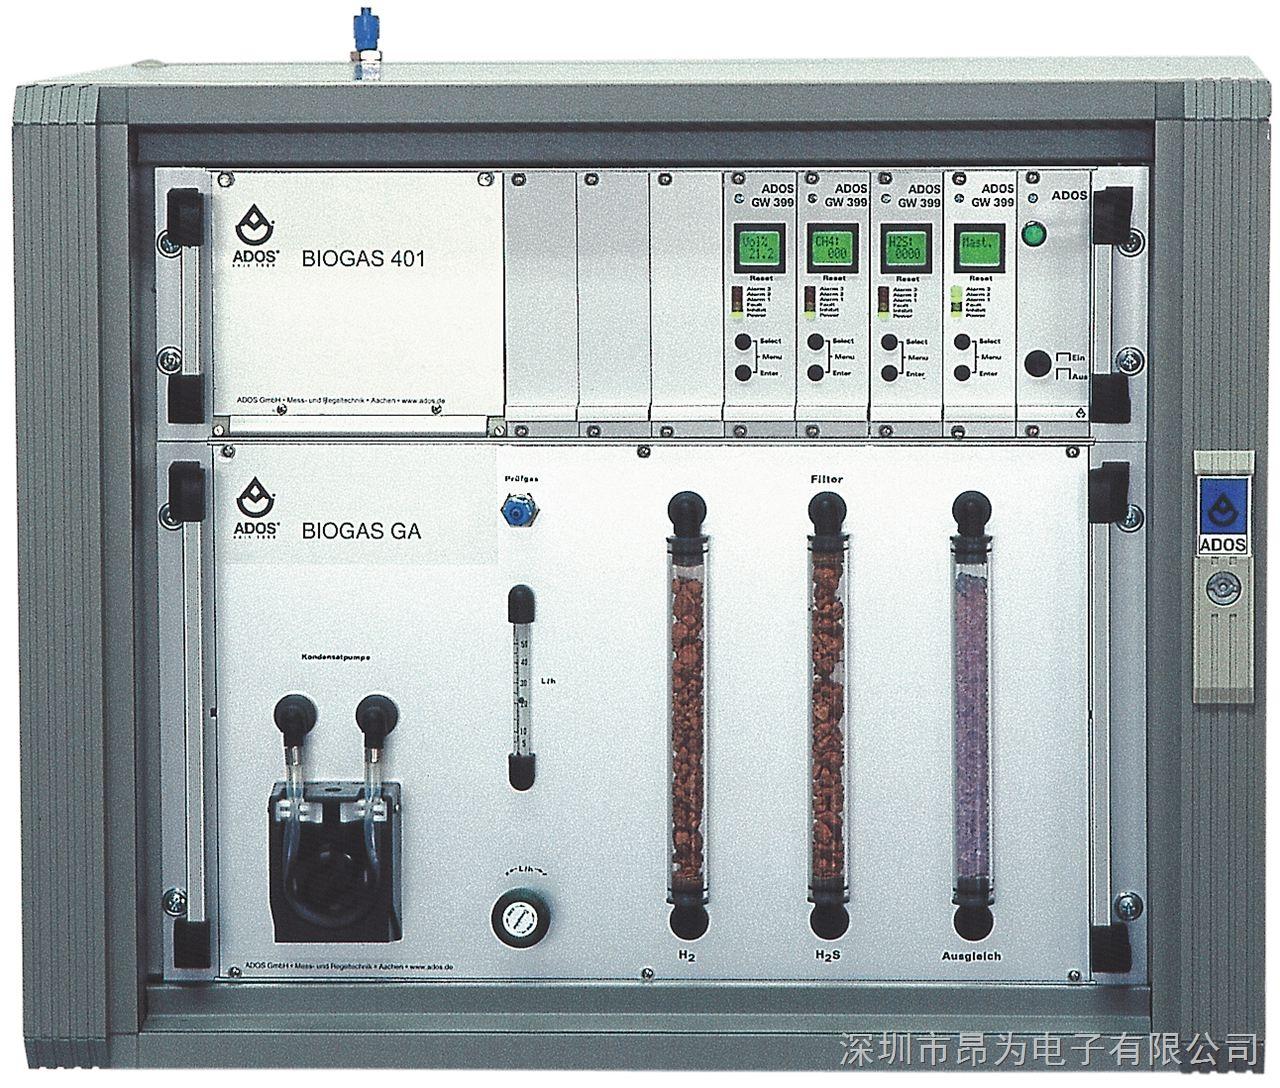 ADOS Biogas401-ADOS垃圾填埋场沼气分析仪